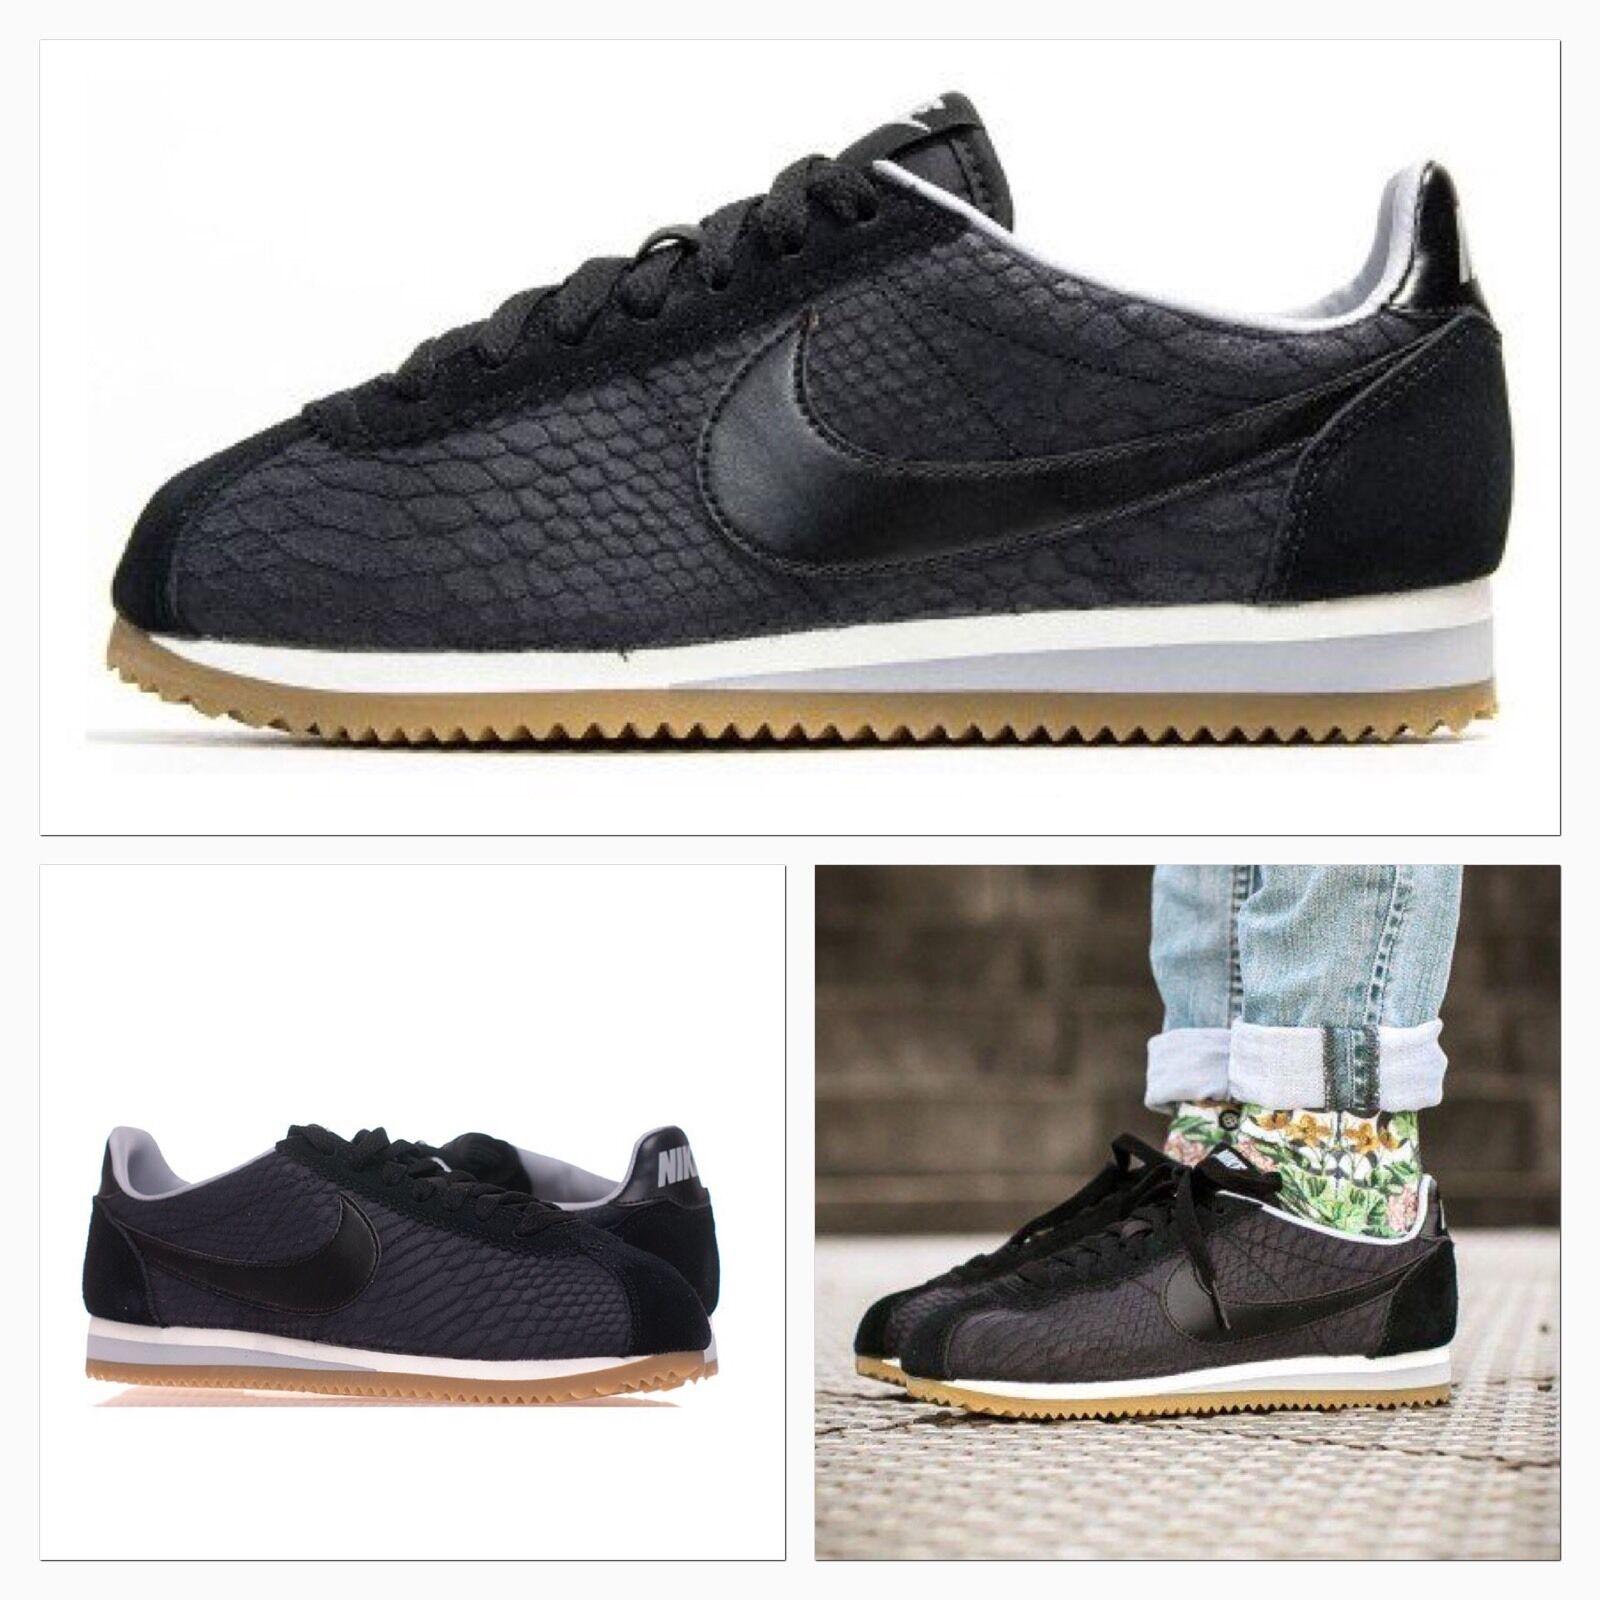 Herren Nike Air Vortex Trainers Fabric & suede Schwarz